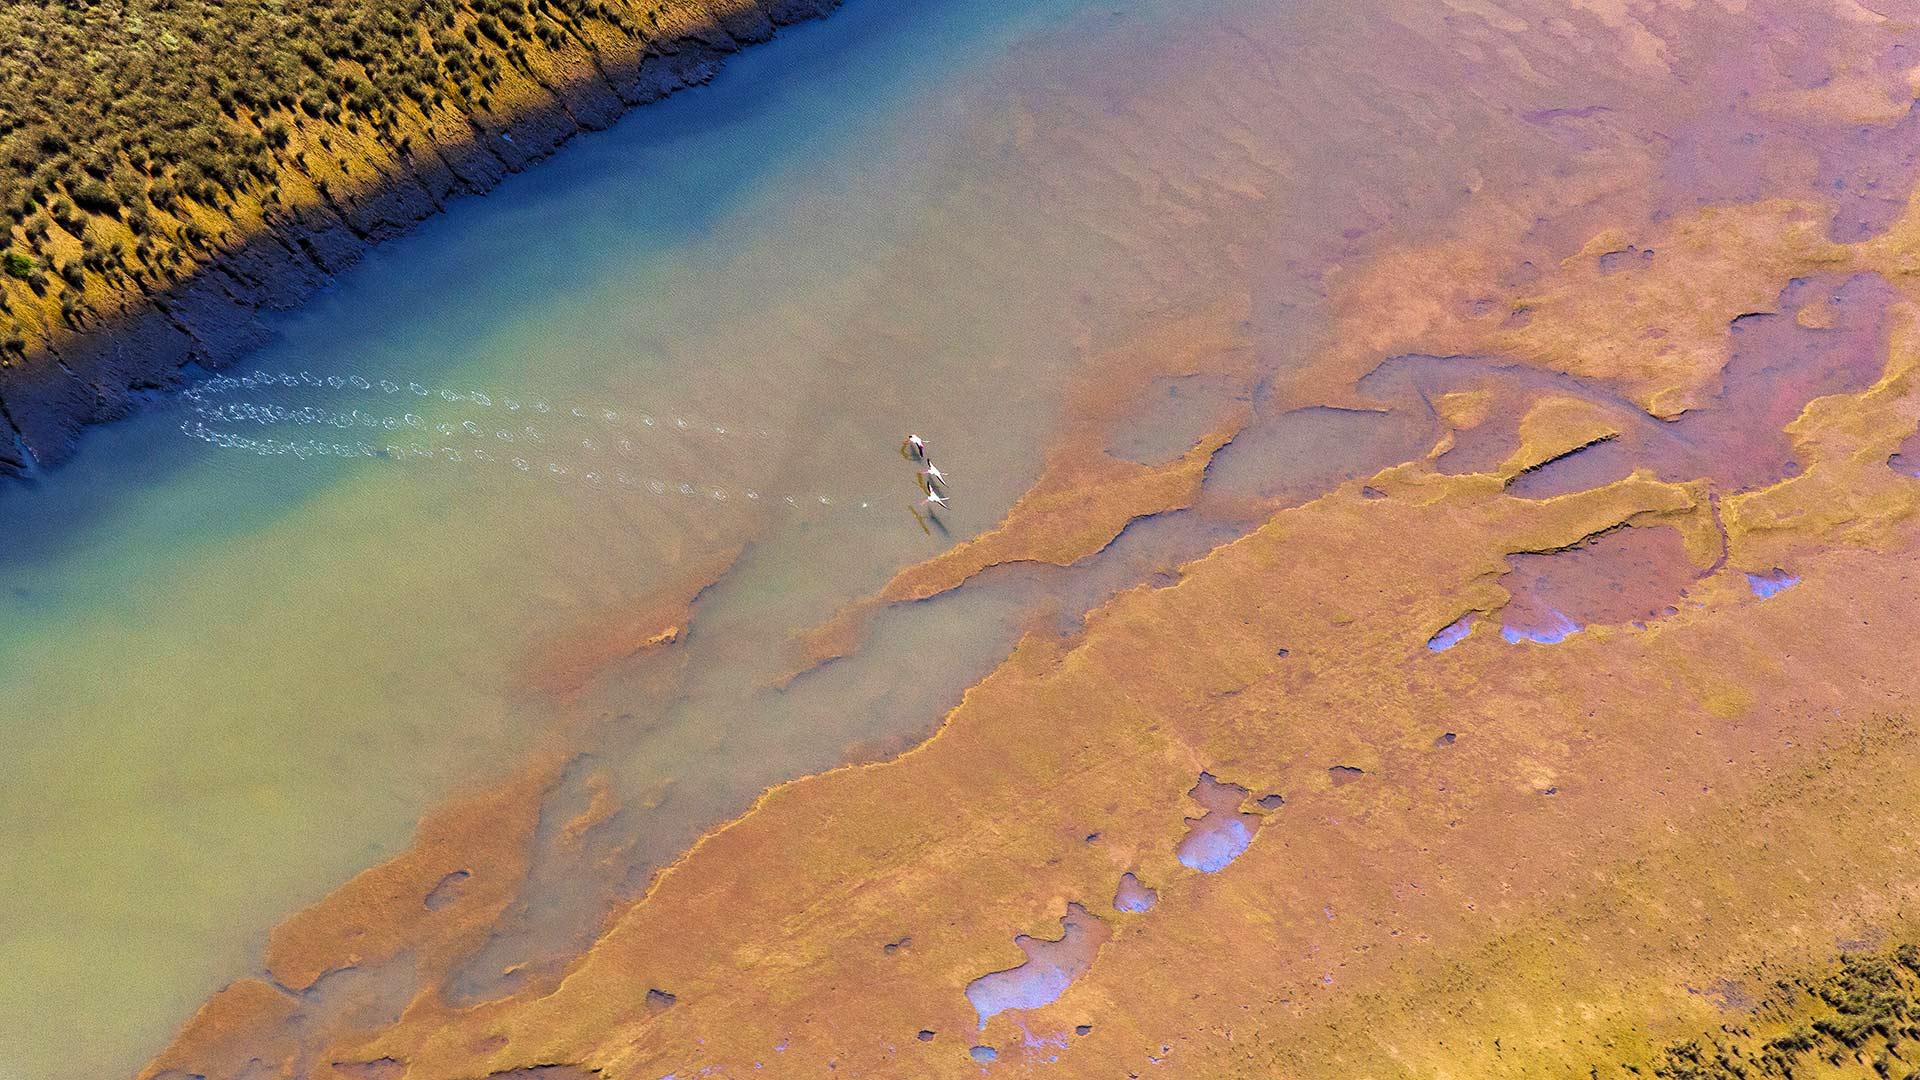 韦尔瓦奥迪尔湿地起飞的三只大红鹳